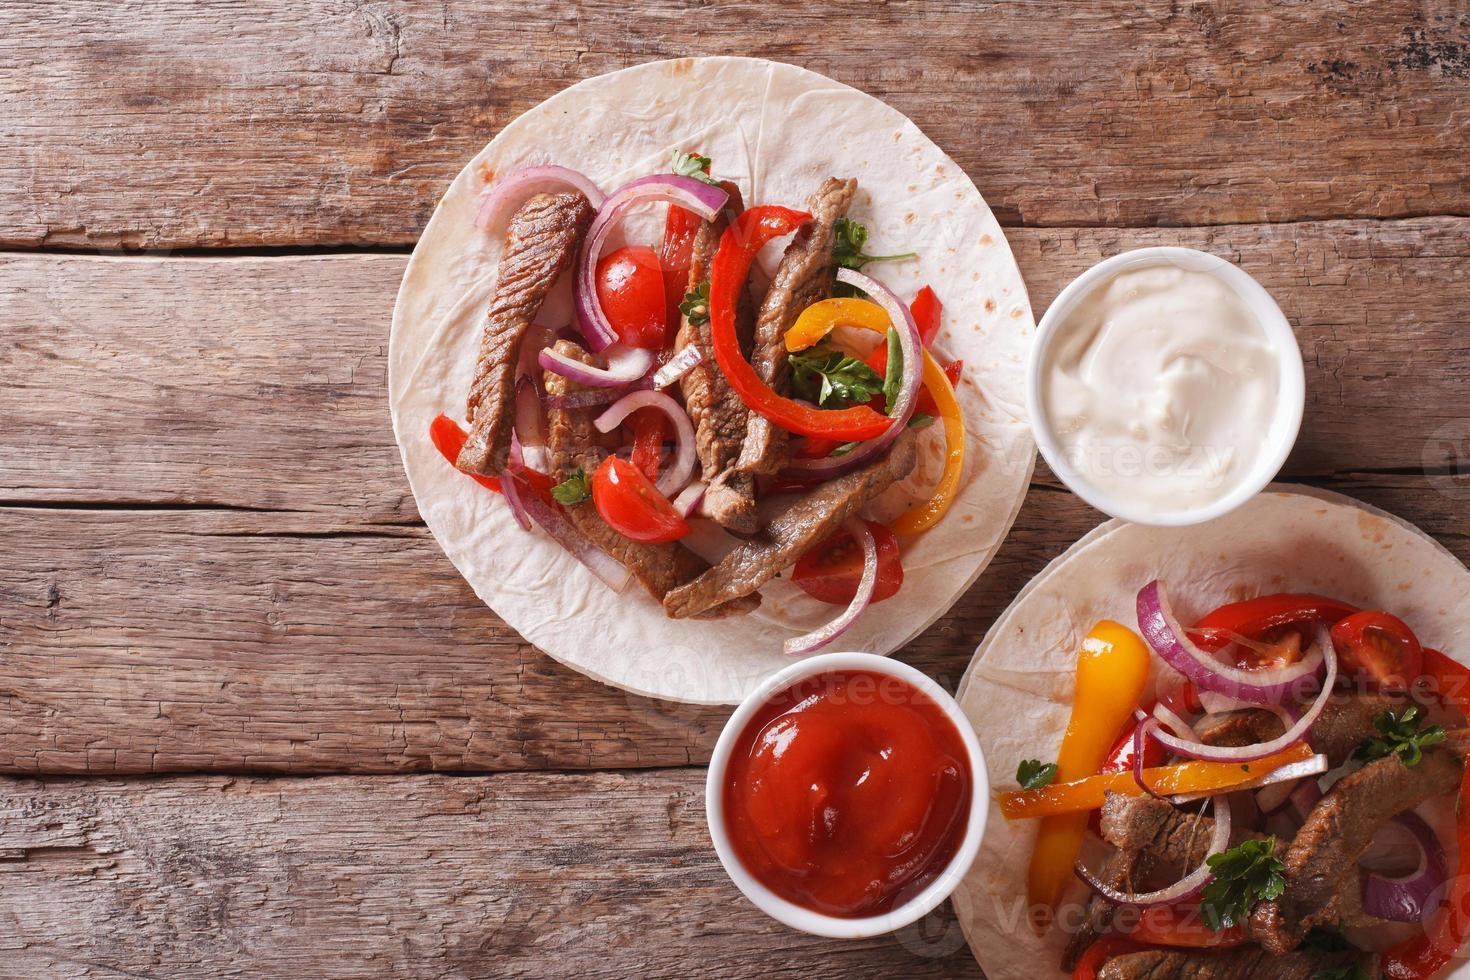 tortilla's met vlees, groenten en saus horizontale bovenaanzicht foto